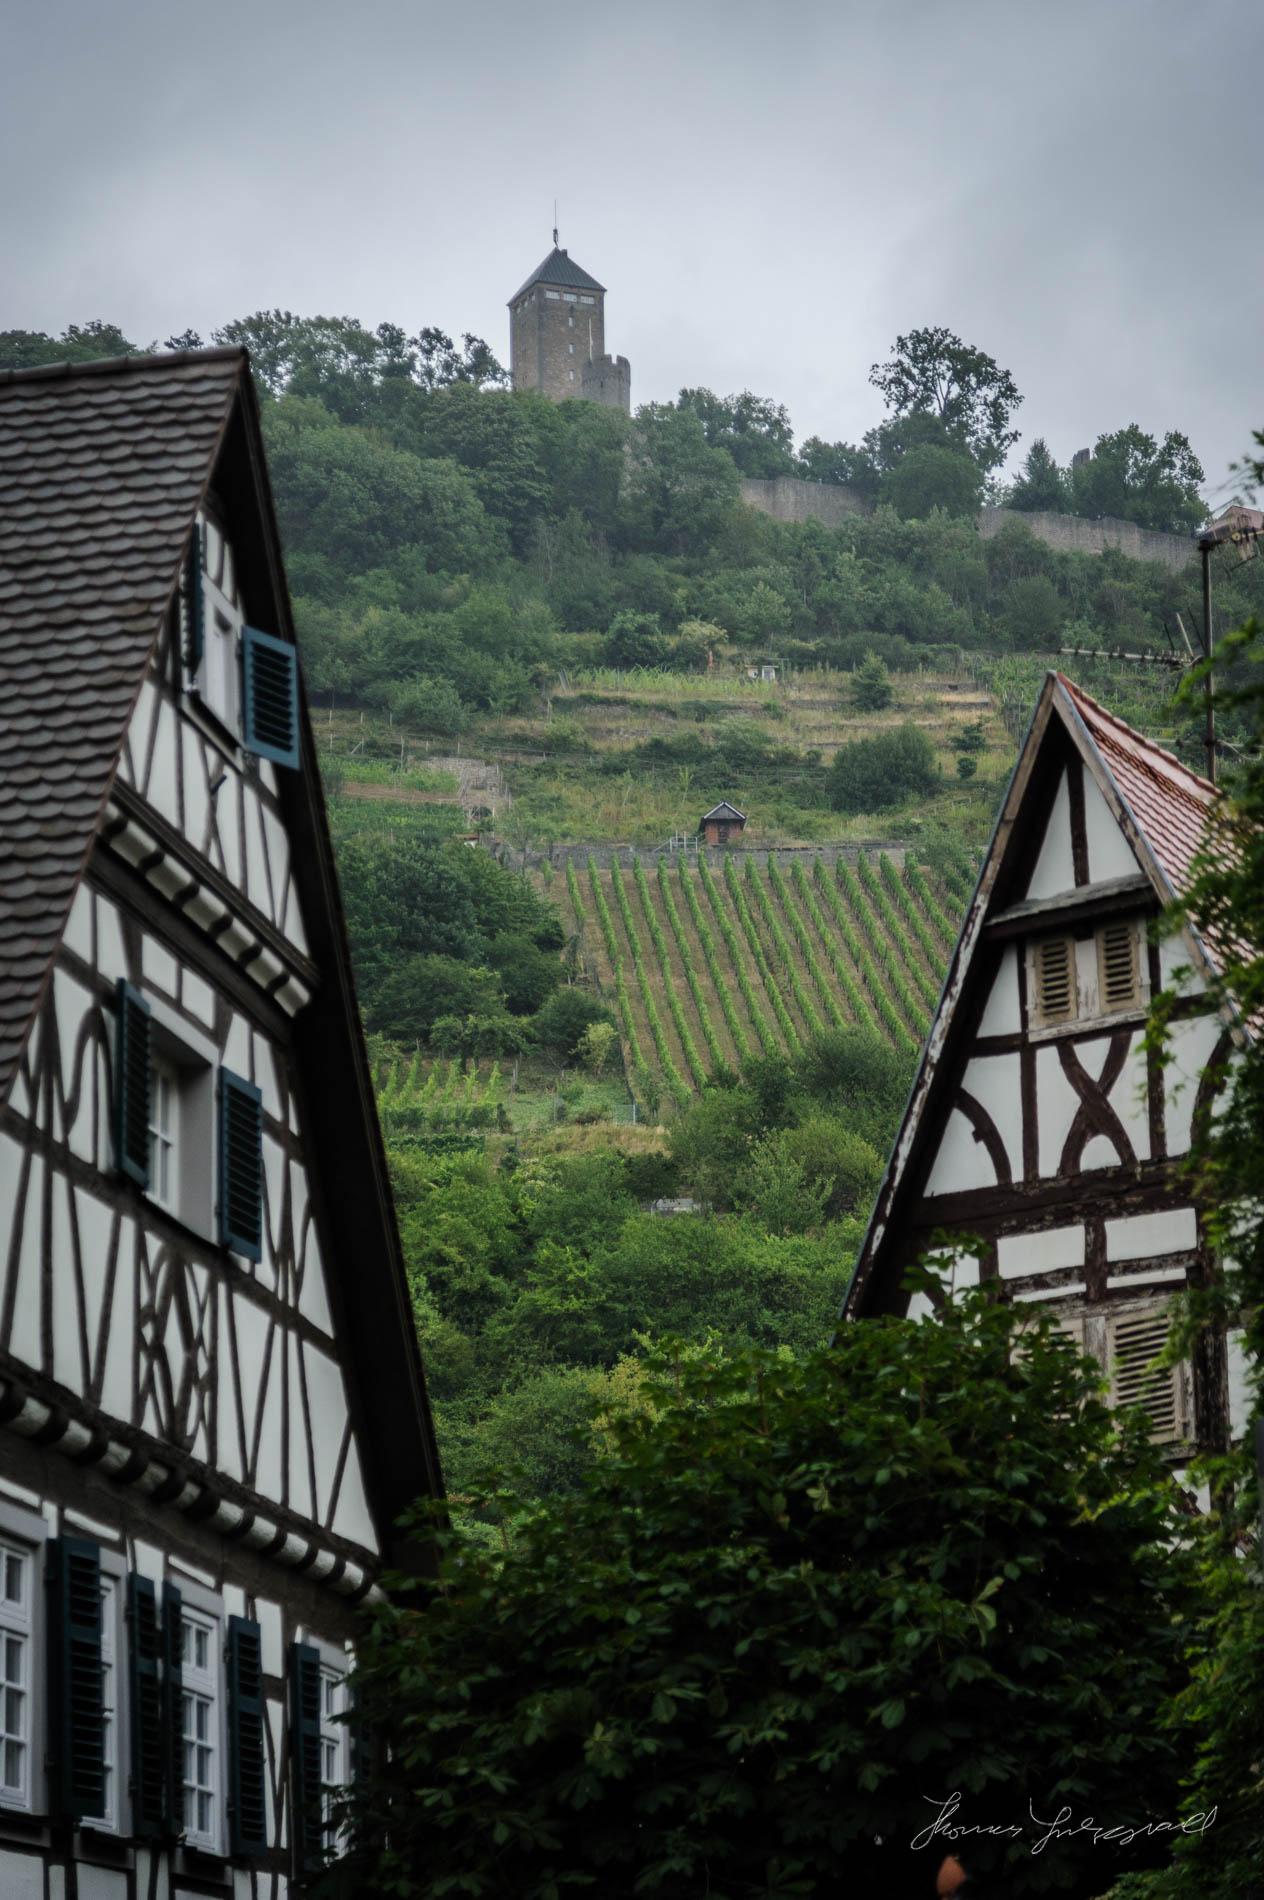 Heppenheim-Rain-00017.jpg